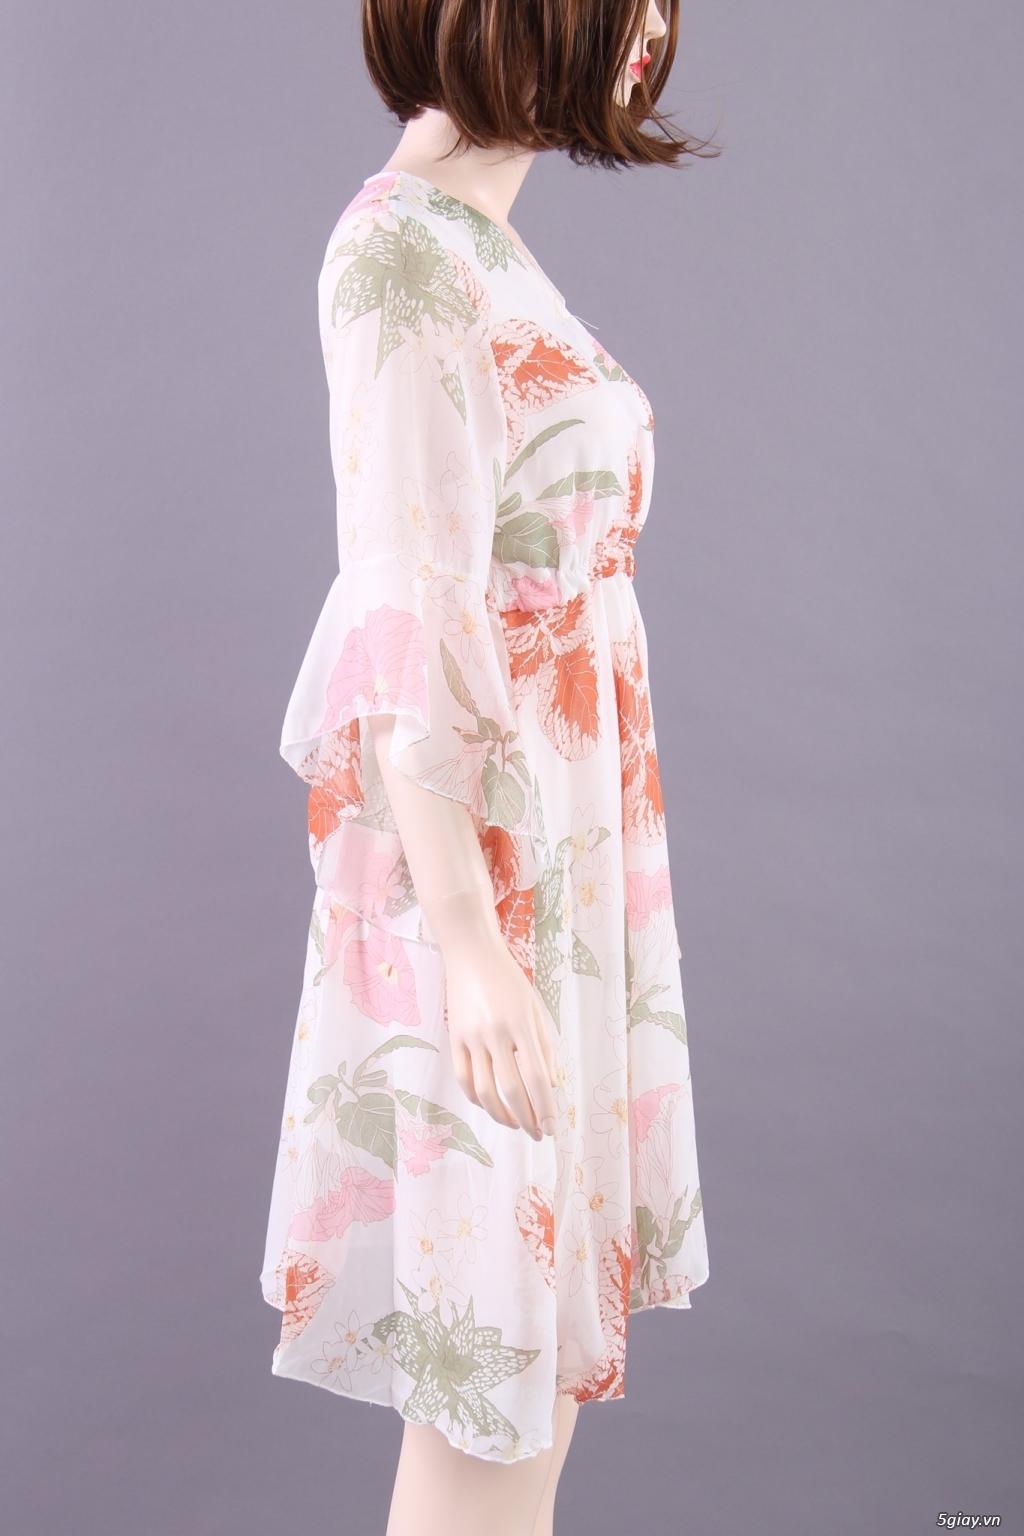 Wal House Fashion - Thương Hiệu Việt - Kiểu dáng đa dạng - 45